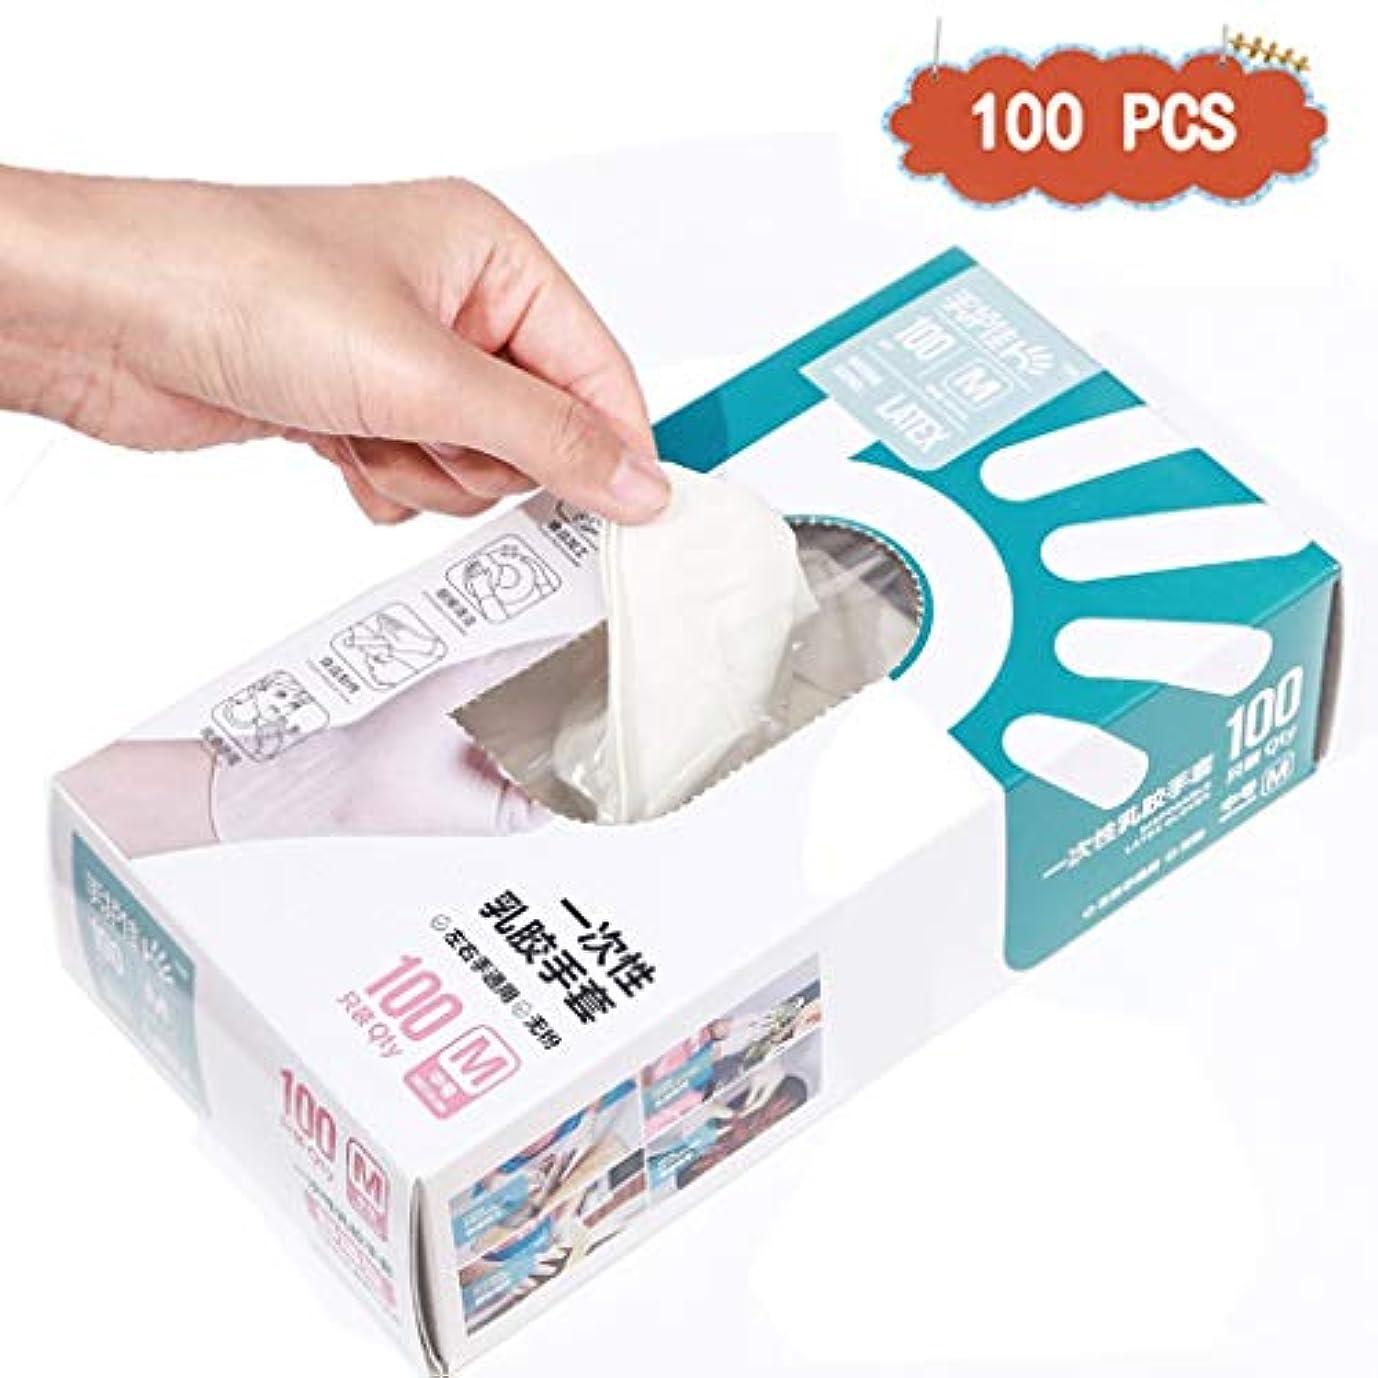 貞多様性寛大さゴム製ラテックス労働洗浄用手袋ビニール試験使い捨て手袋ゴム製実験室労働保険と延長、5ミル、美容院ラテックスフリー、パウダーフリー、両手利き、100個 (Size : M)